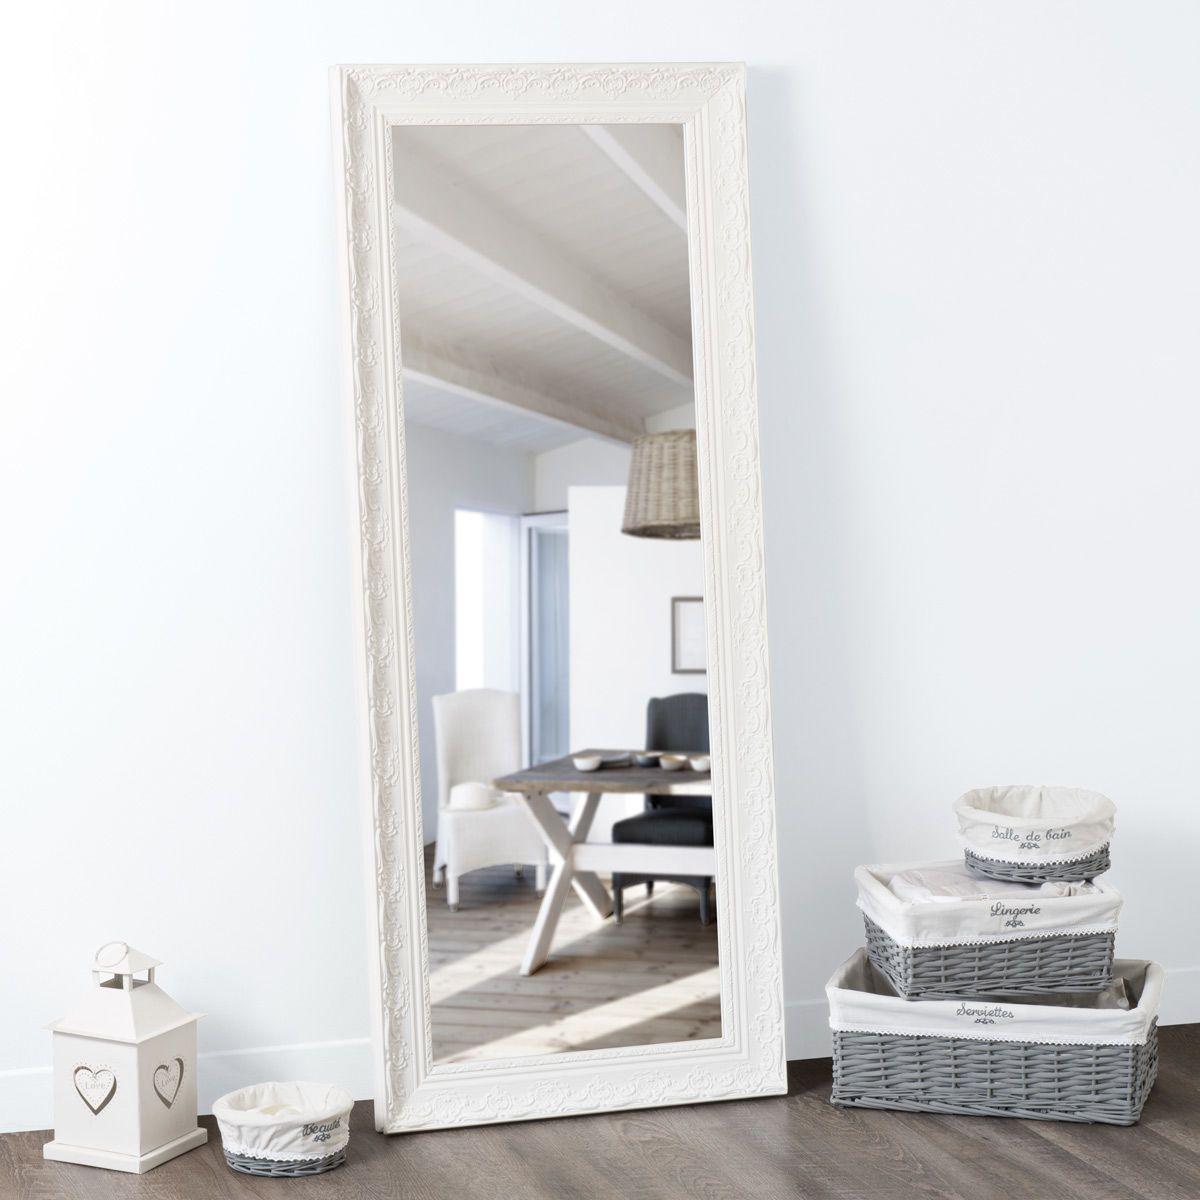 Specchi Per Bagno Maison Du Monde.Specchio In Paulonia Bianco 145x59 Cm Bagni In 2019 Mirror Wood